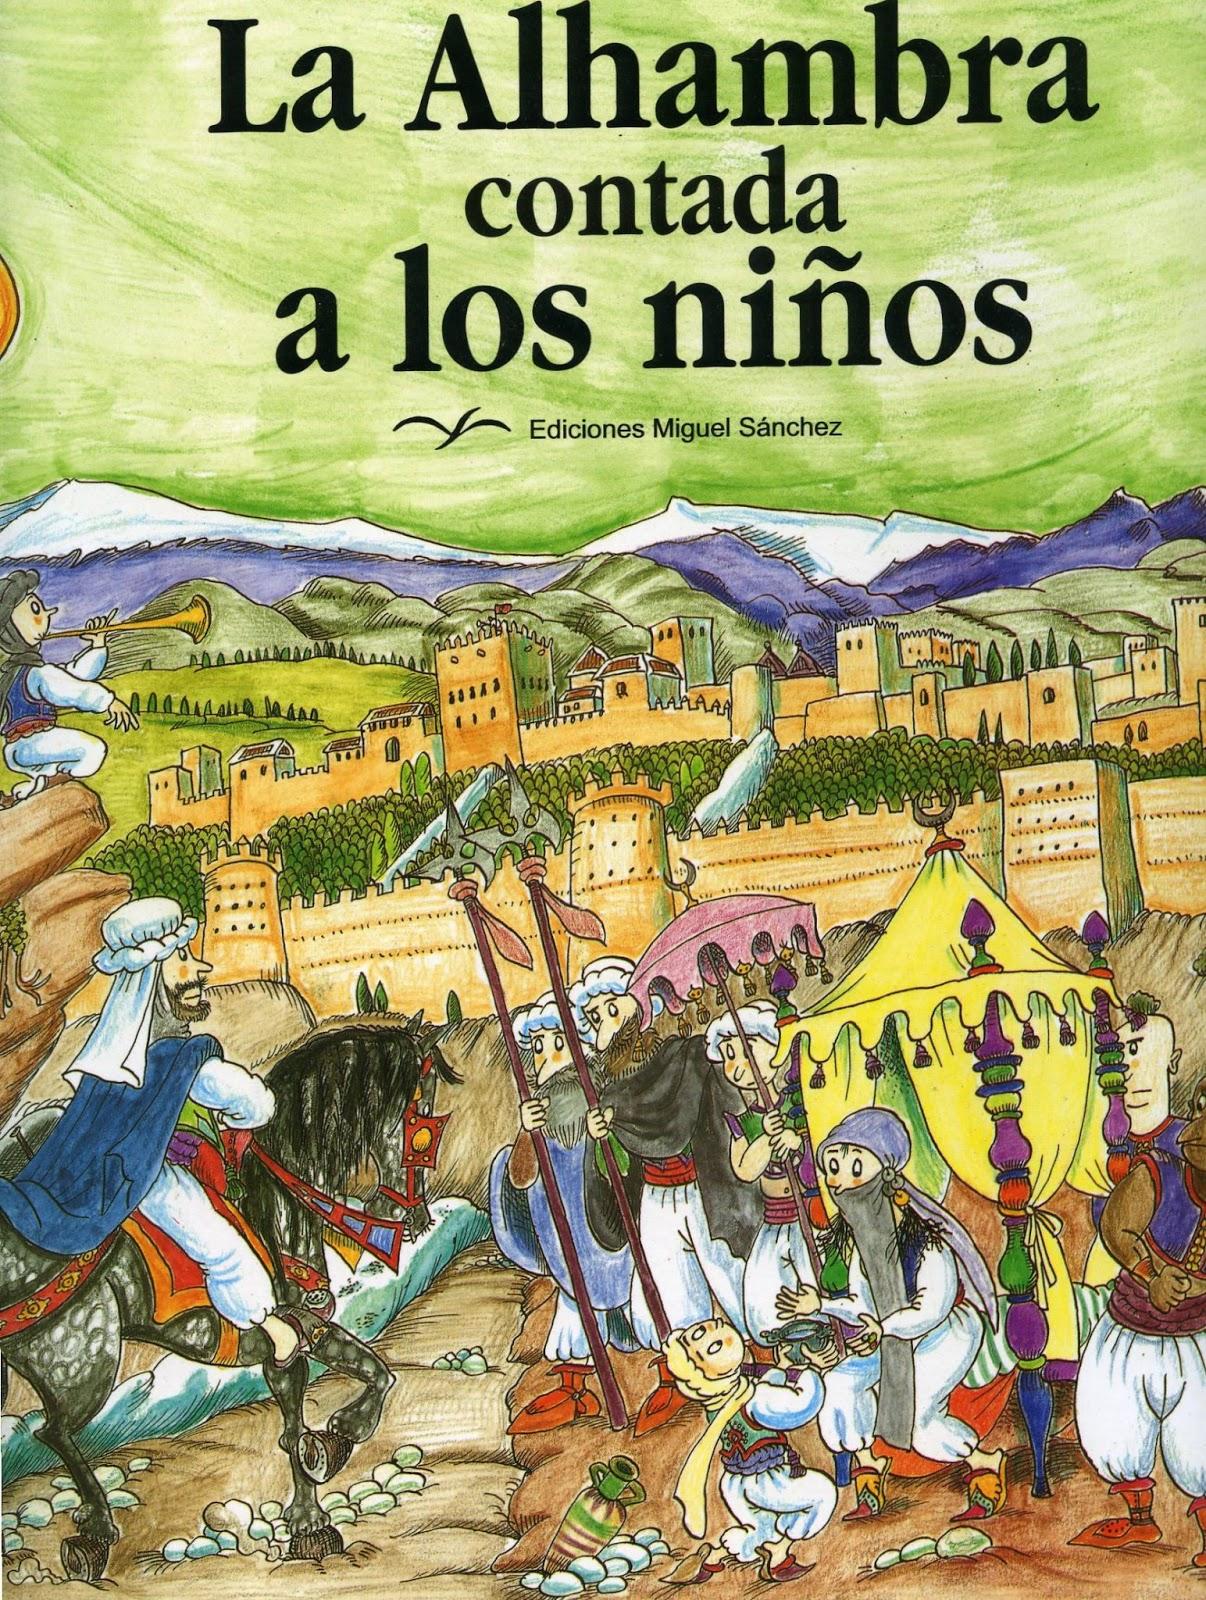 Blog de los niños: La Alhambra contada a los niños